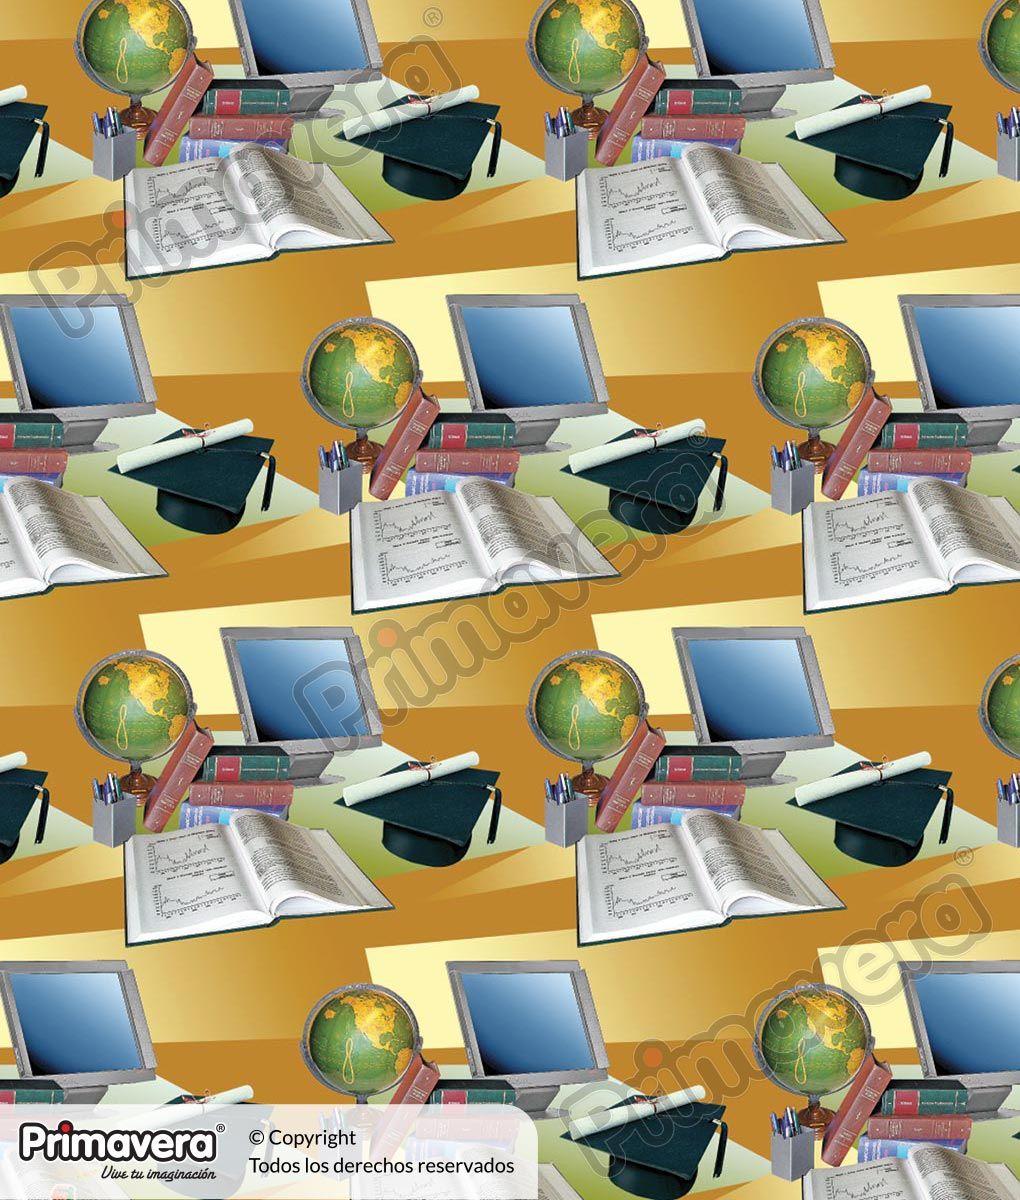 Papel regalo Grado 1-485-480 http://envoltura.papelesprimavera.com/product/papel-regalo-celebracion-1-485-480/